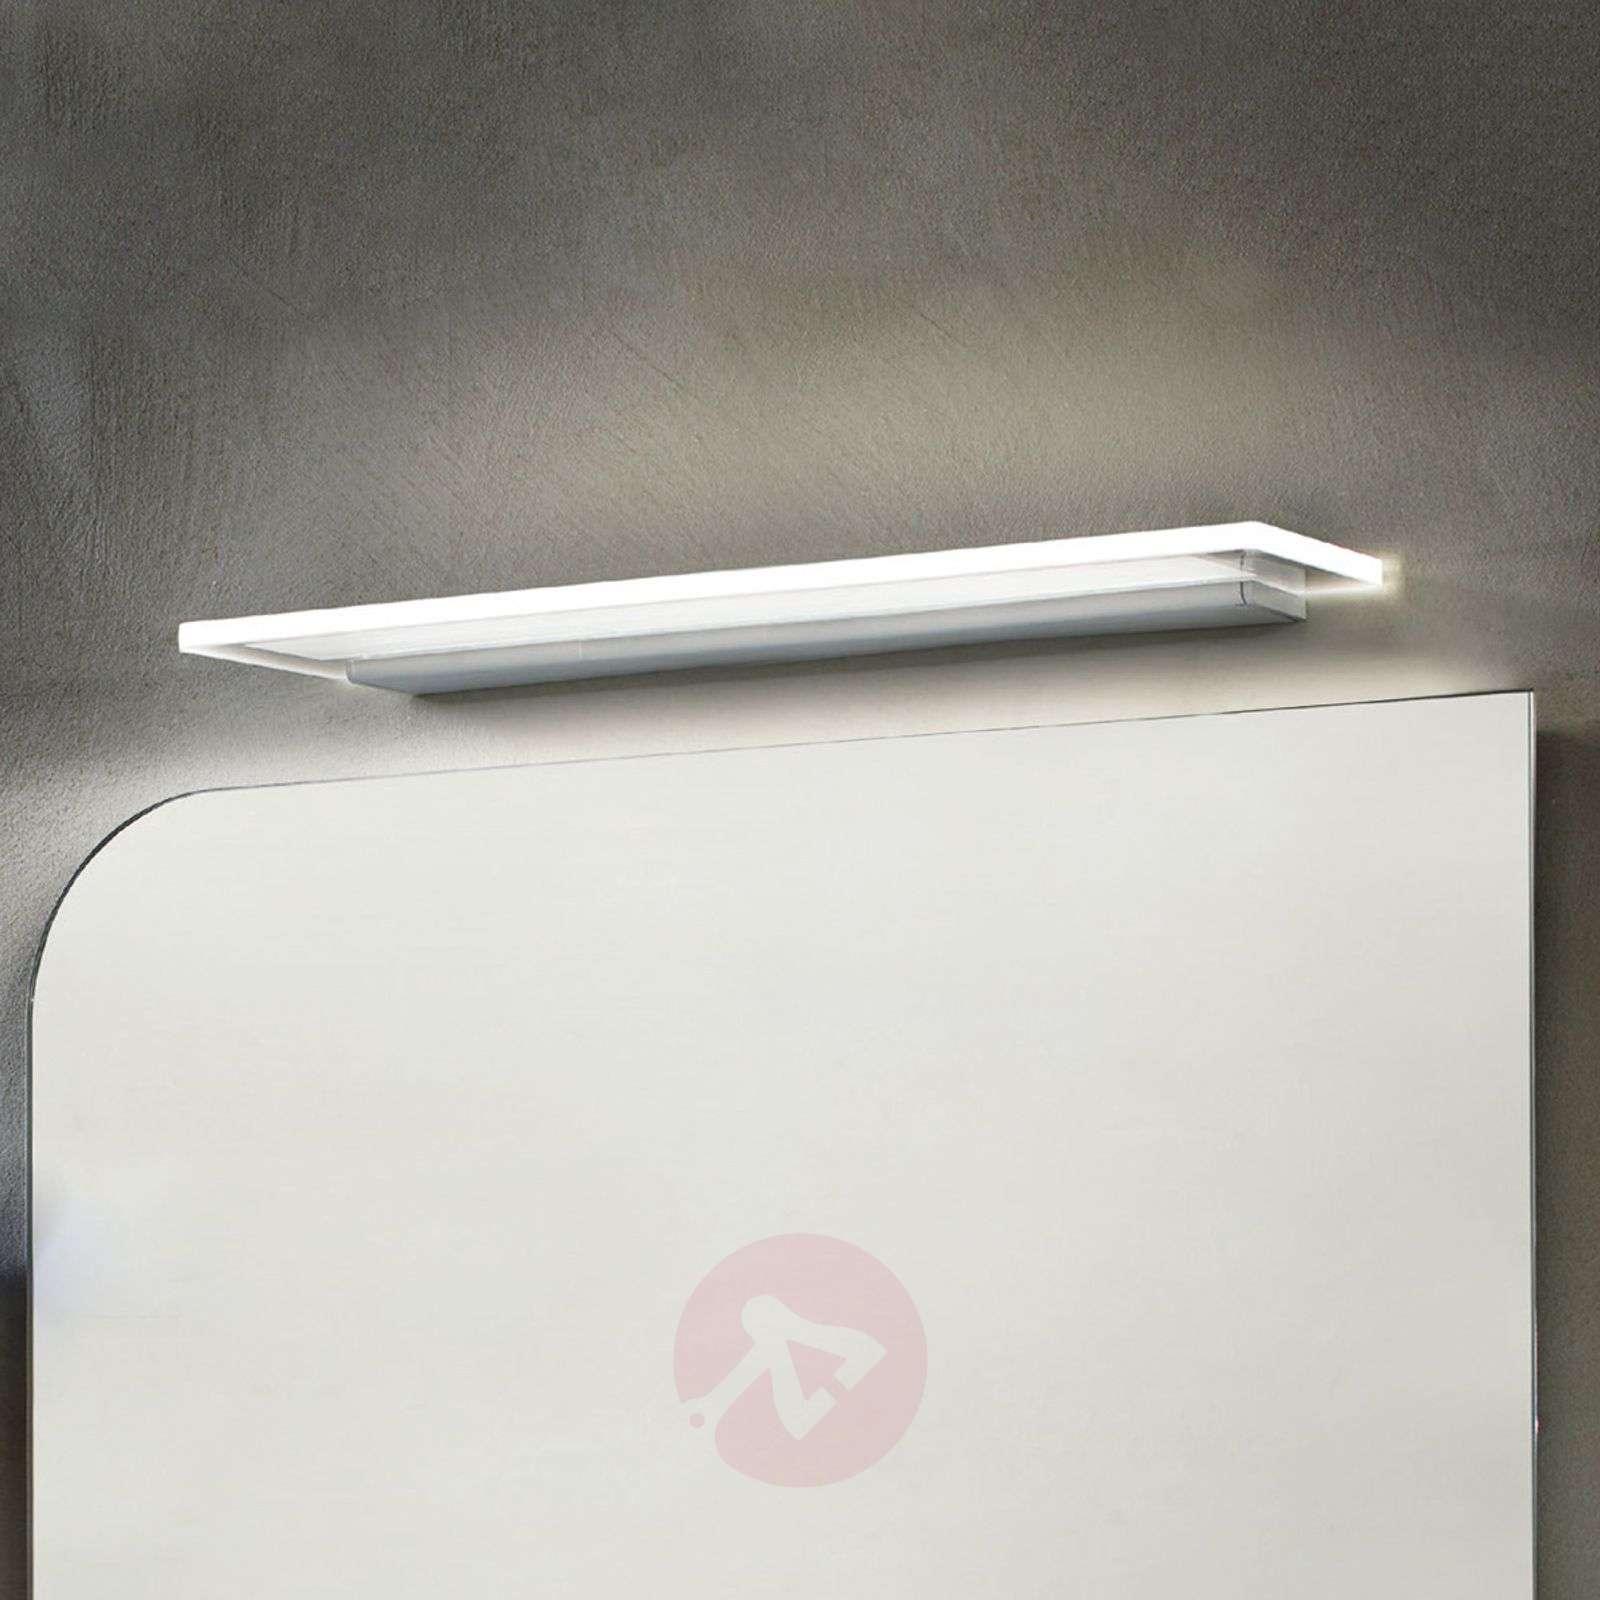 LED-seinävalo Skinny IP44-luokka kiiltävä alumiini-6042306-01